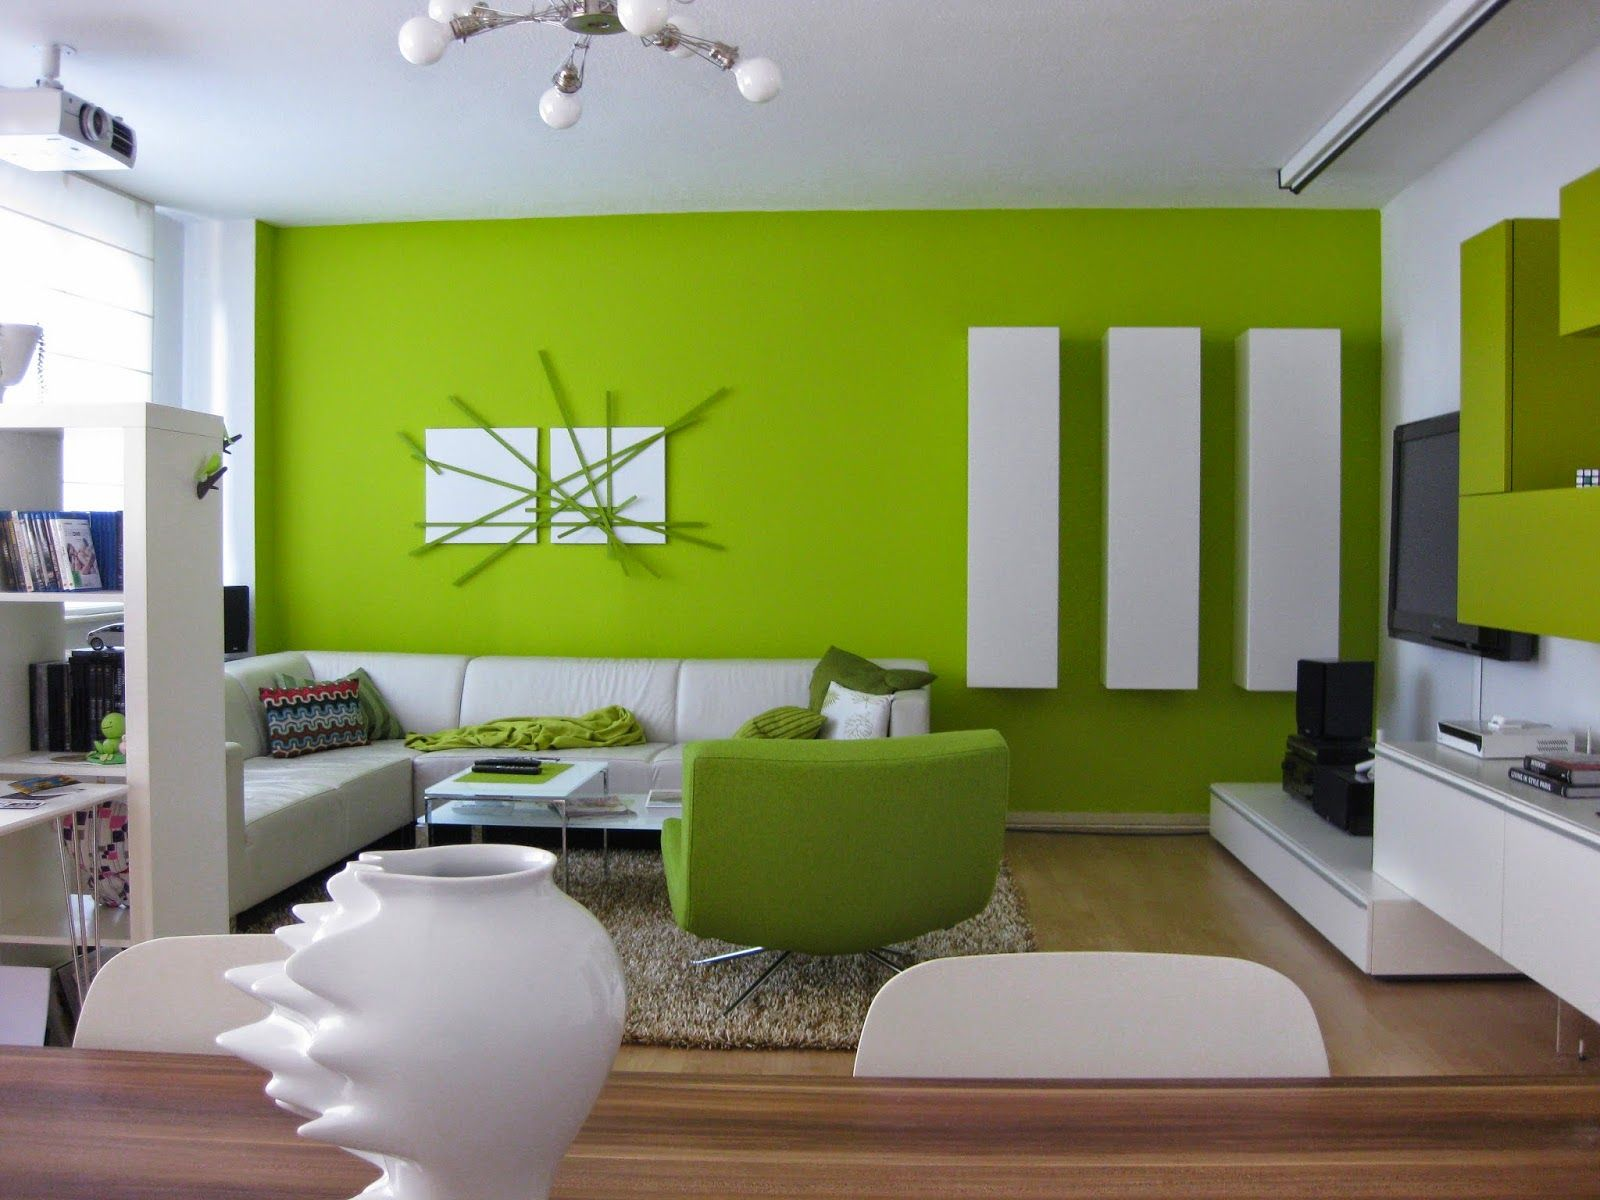 Sala Combinacion Verde Con Gris Buscar Con Google Decoracion De Interiores Salas Decoracion De Interiores Colores Para Sala